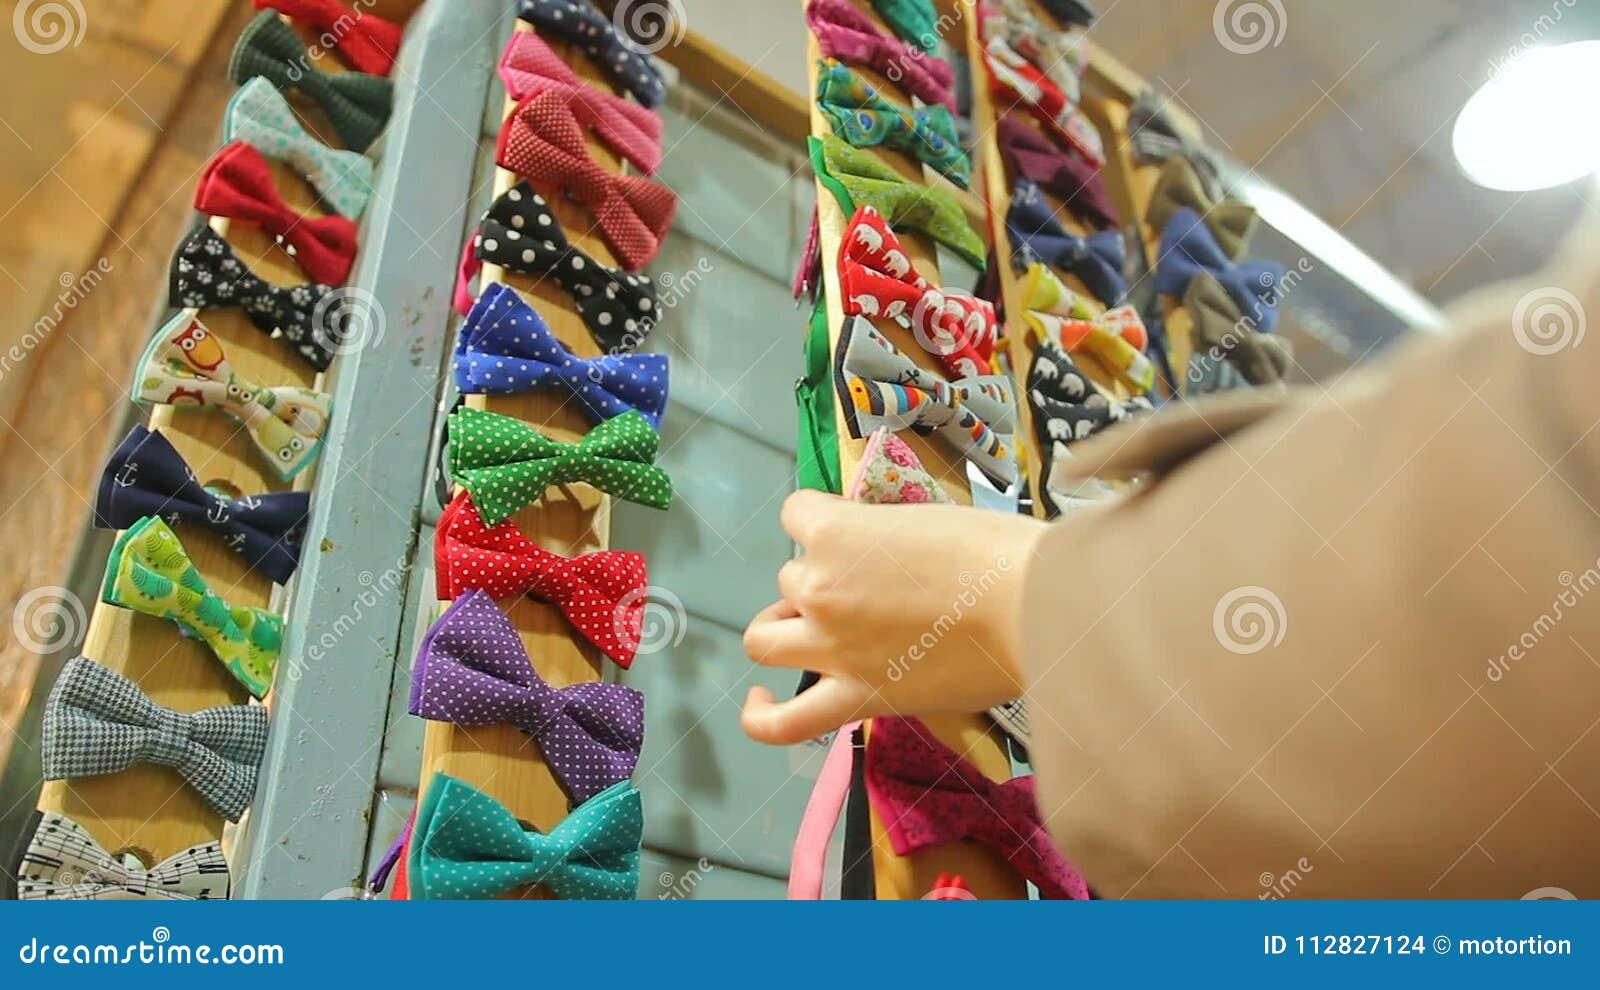 Mujer Que Elige La Corbata De Lazo Hecha A Mano Entre La Variedad Enorme En La Tienda De La Artesanía Moda Metrajes Vídeo De Tienda Artesanía 112827124